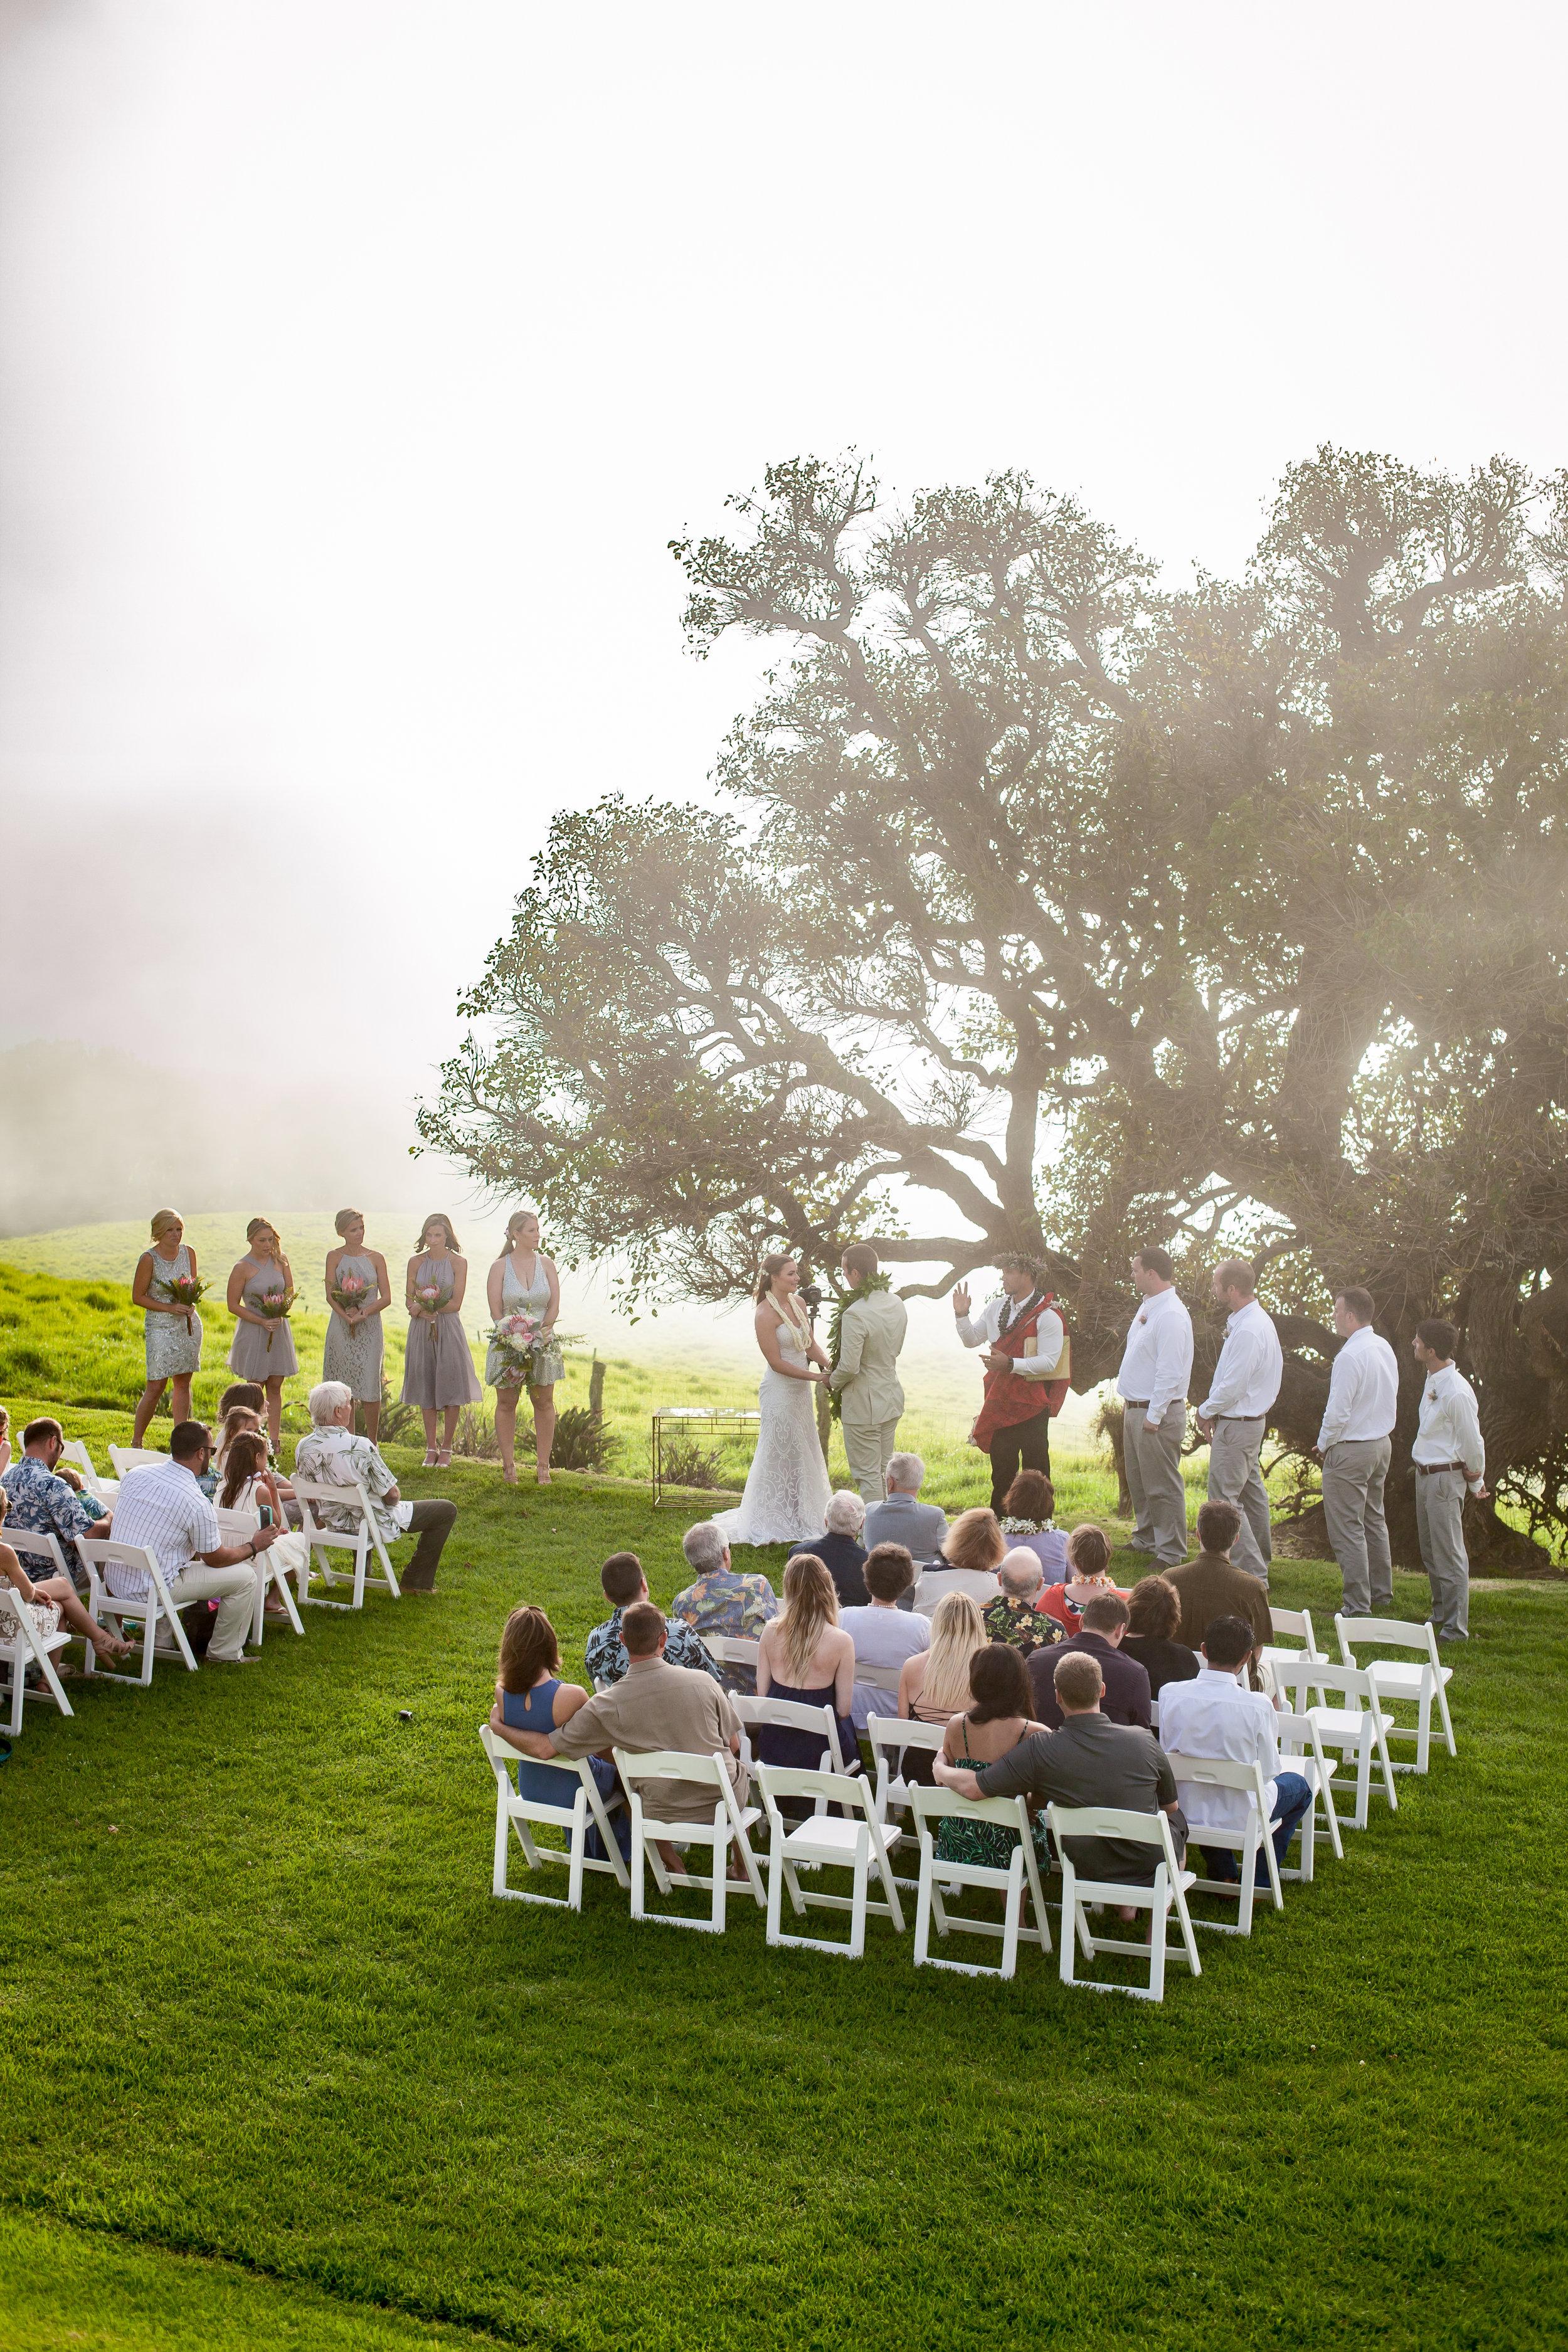 big island hawaii kahua ranch wedding © kelilina photography 20170106164530.jpg